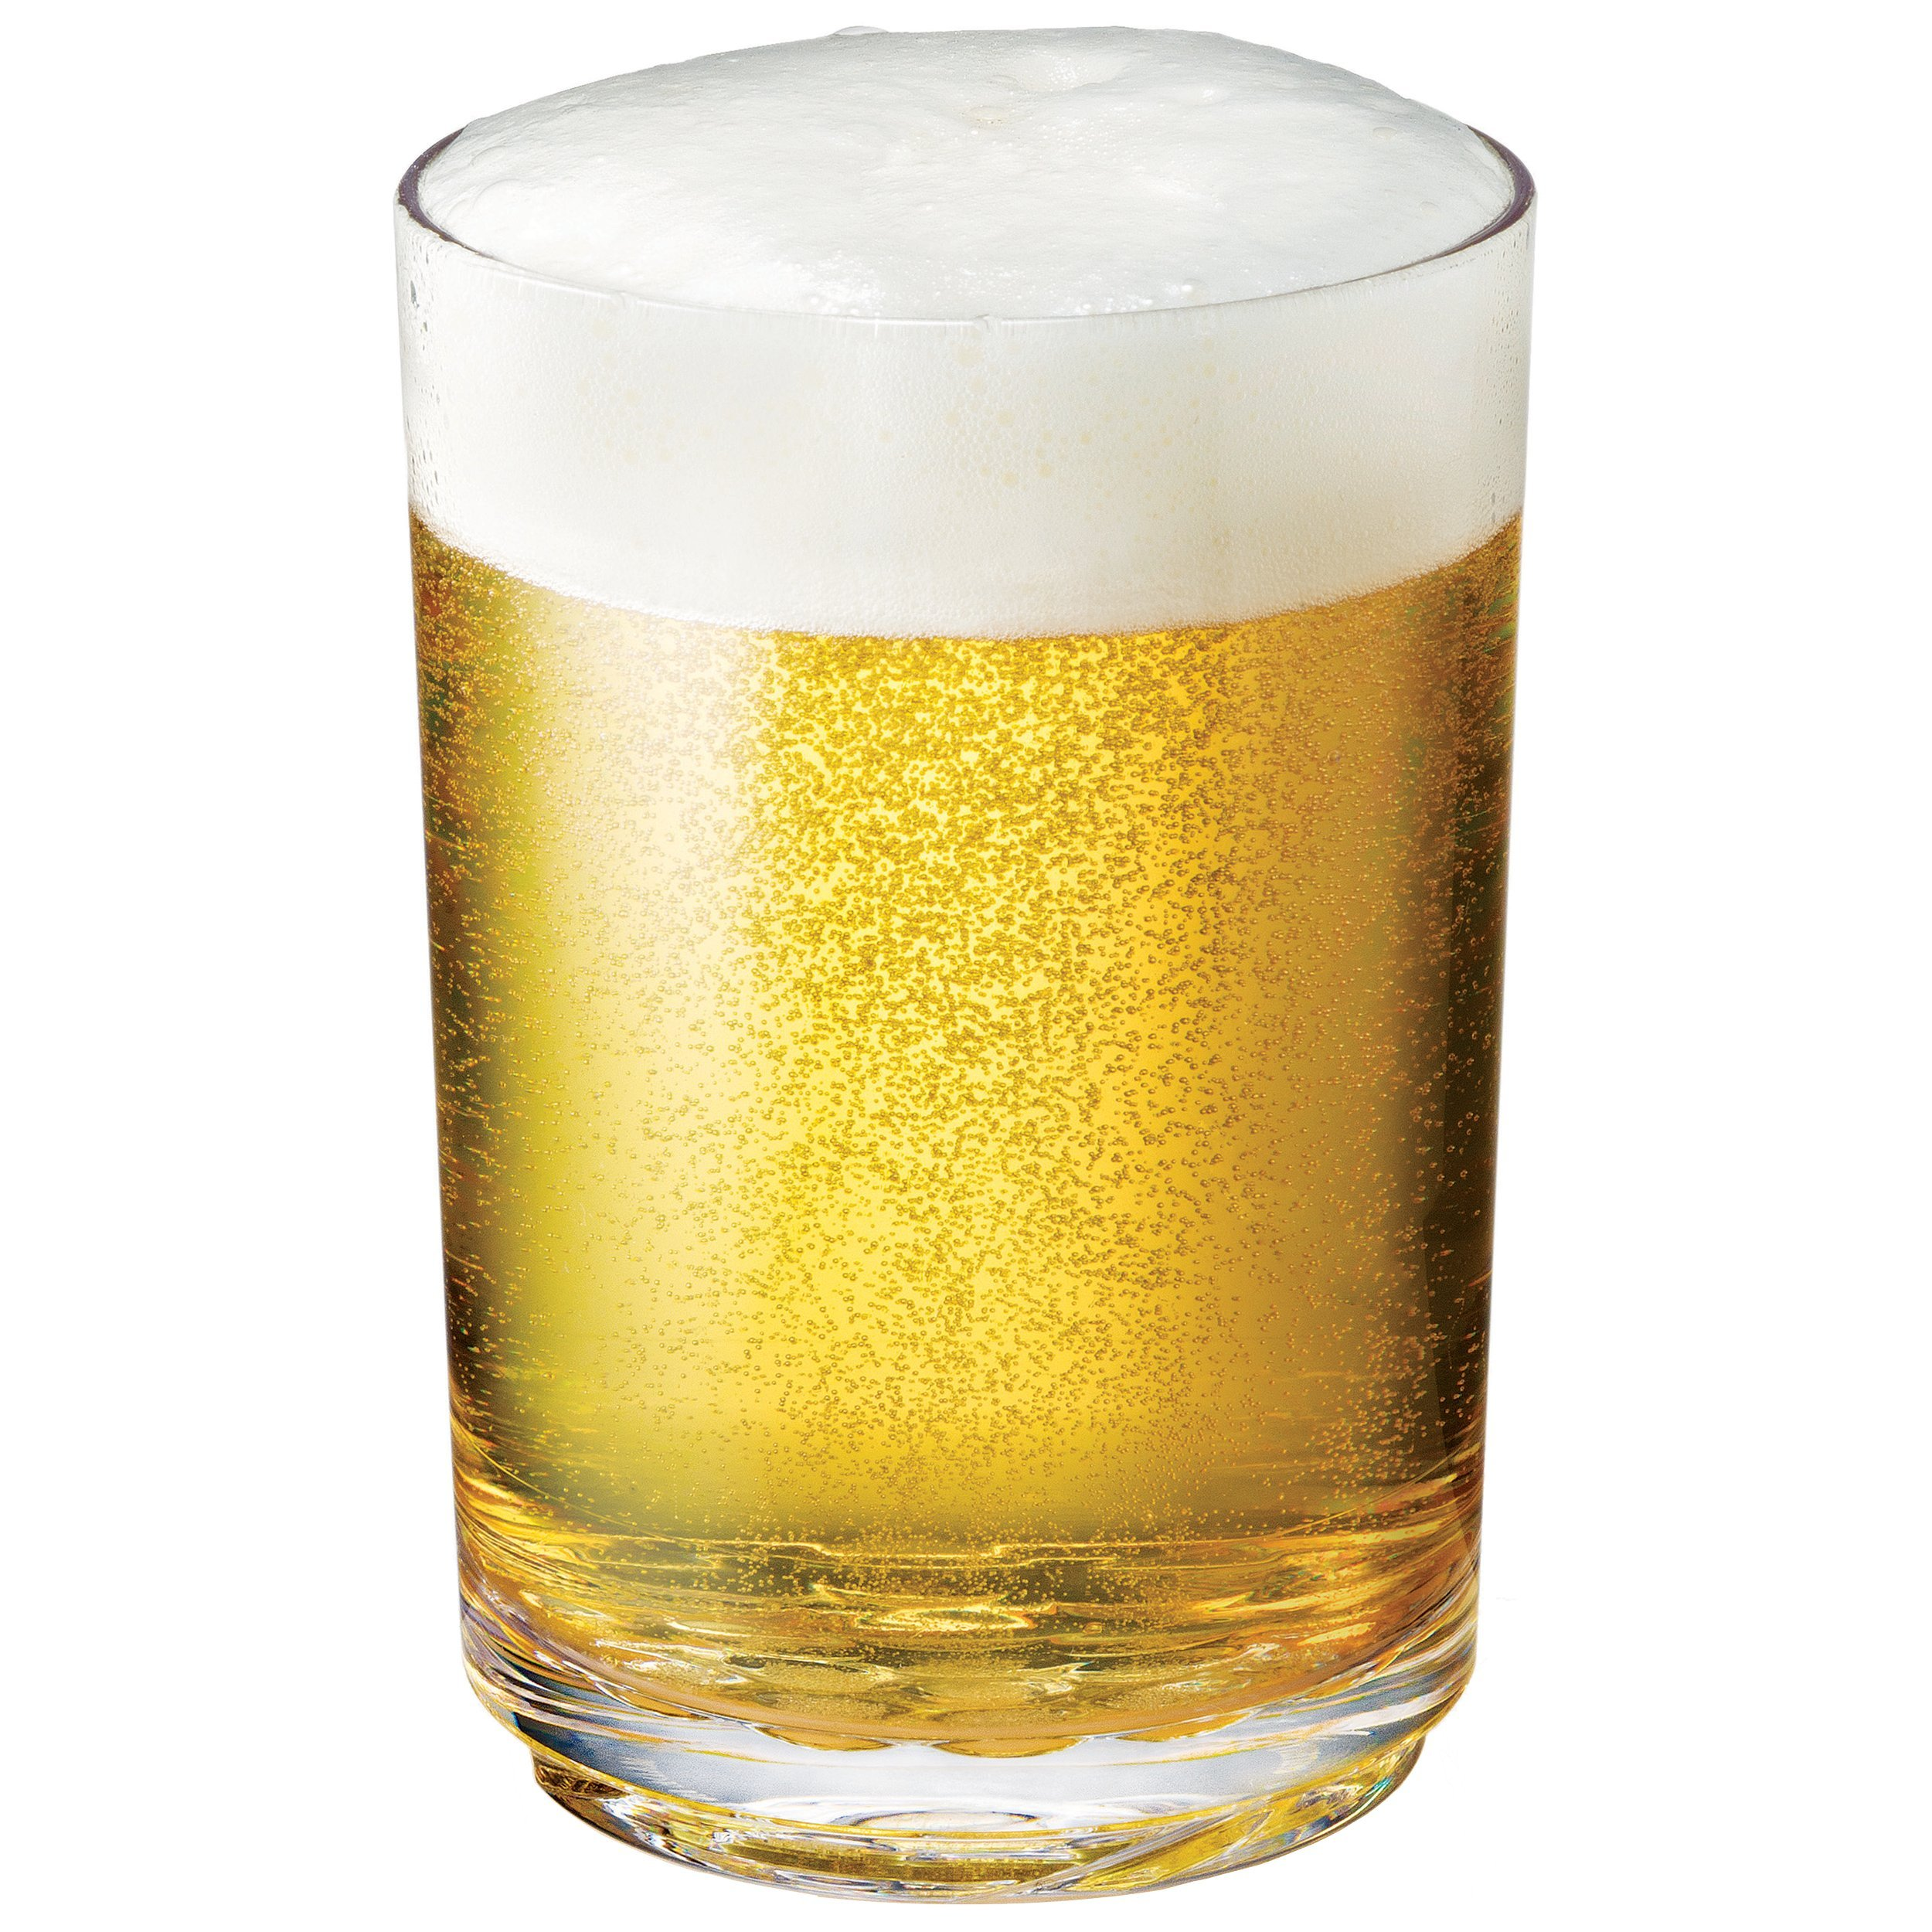 Drinique ELT-PT-CLR-4 Elite Pint Unbreakable Tritan Beer Glasses, 16 oz (Set of 4), Clear